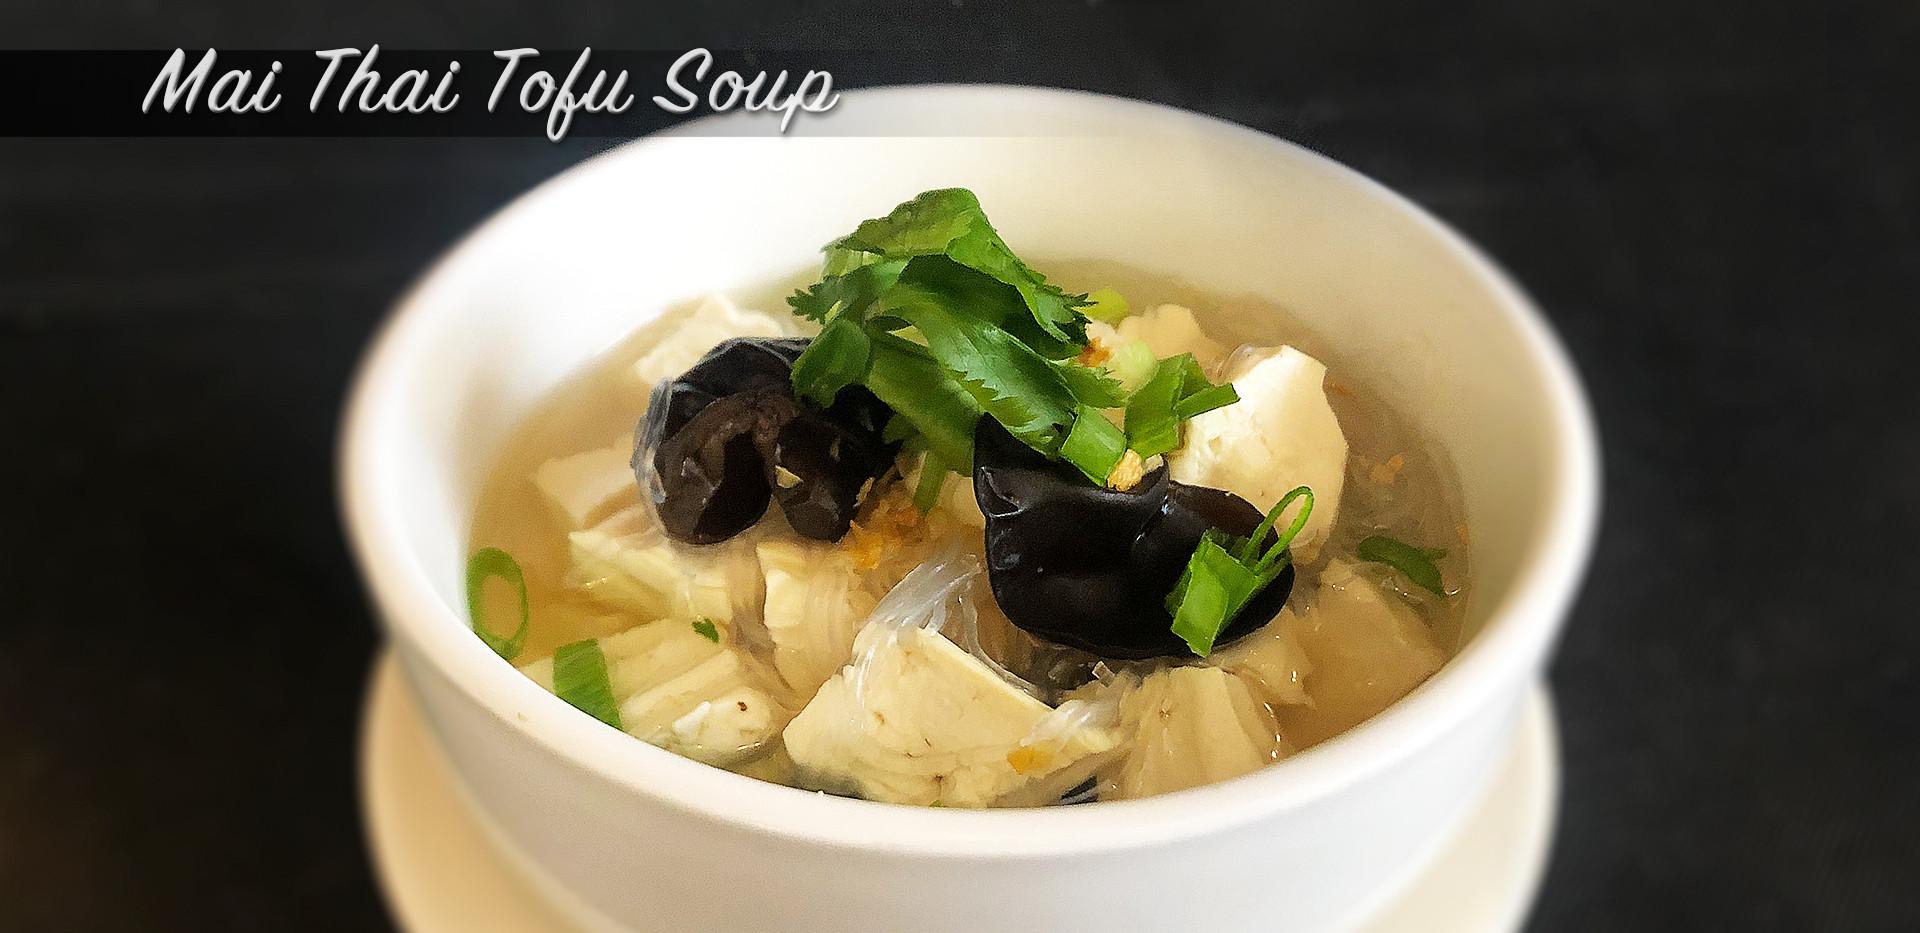 Mai Thai Tofu Soup